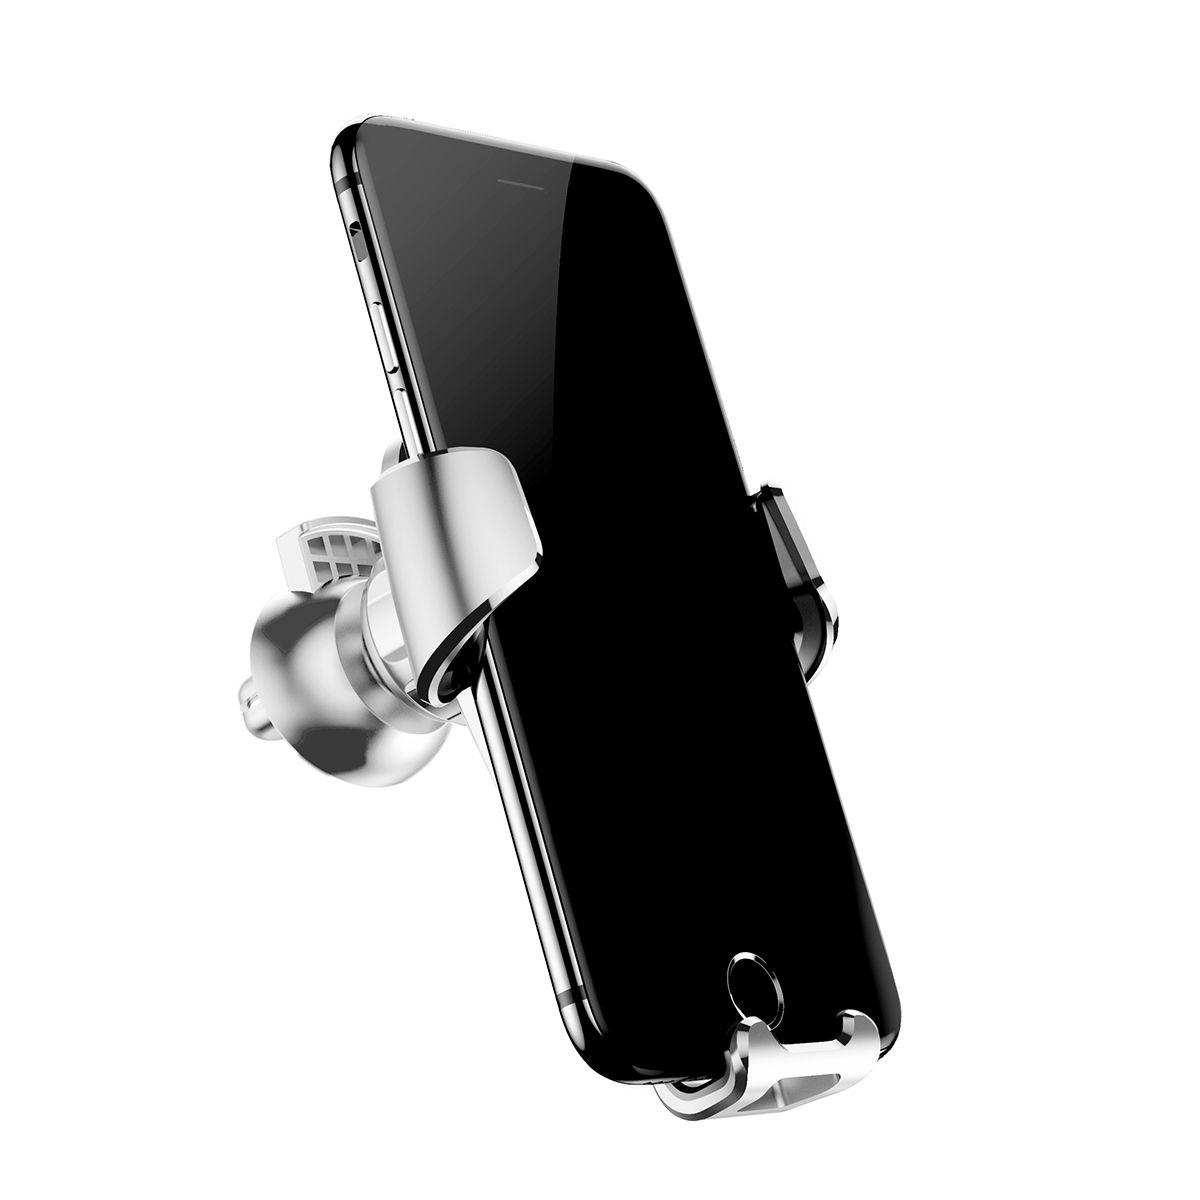 Giá đỡ điện thoại Baseus Gravity trên xe hơi quay 360 độ, dùng cho nhiều kích cỡ điện thoại